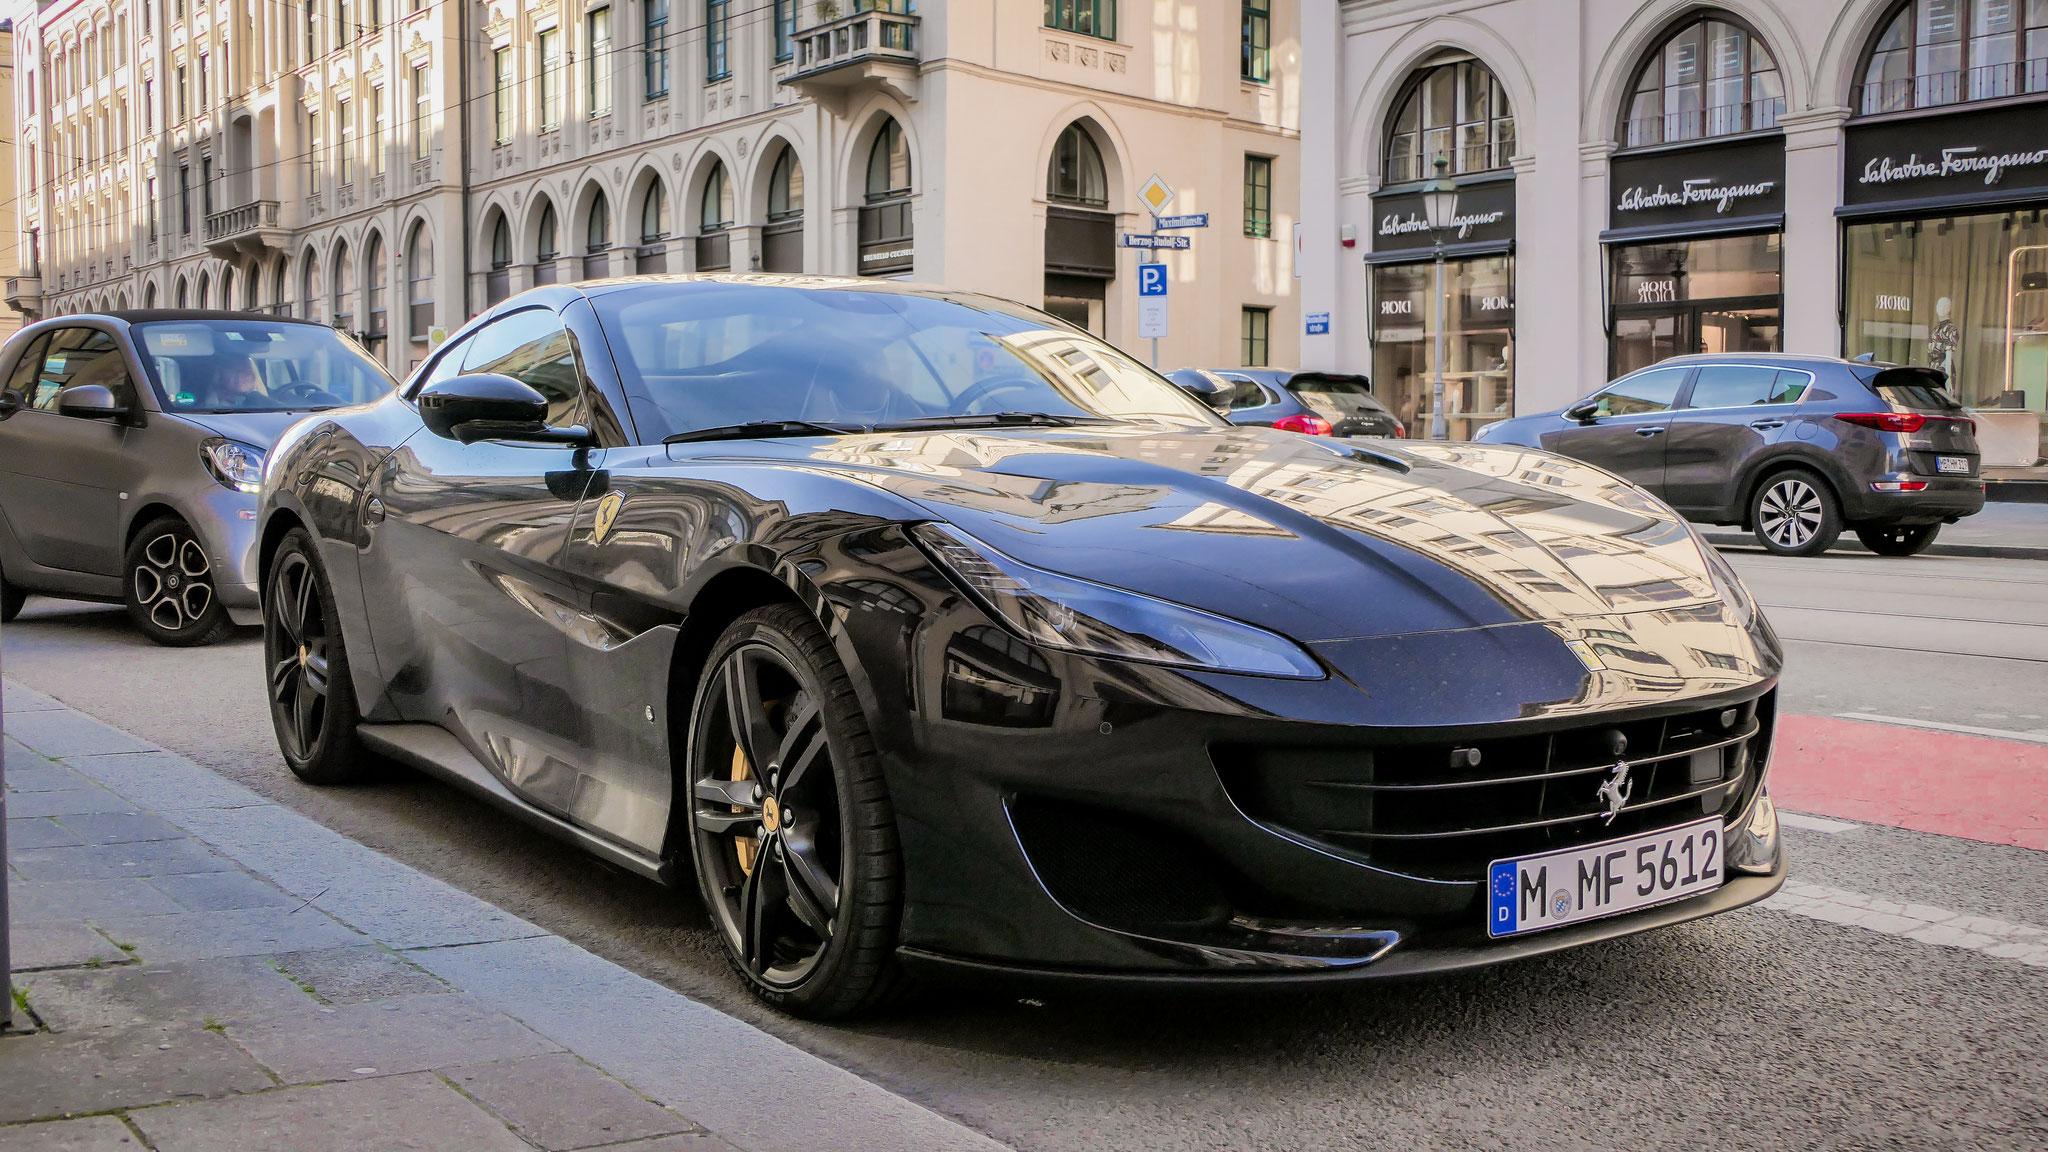 Ferrari Portofino - M-MF-5612